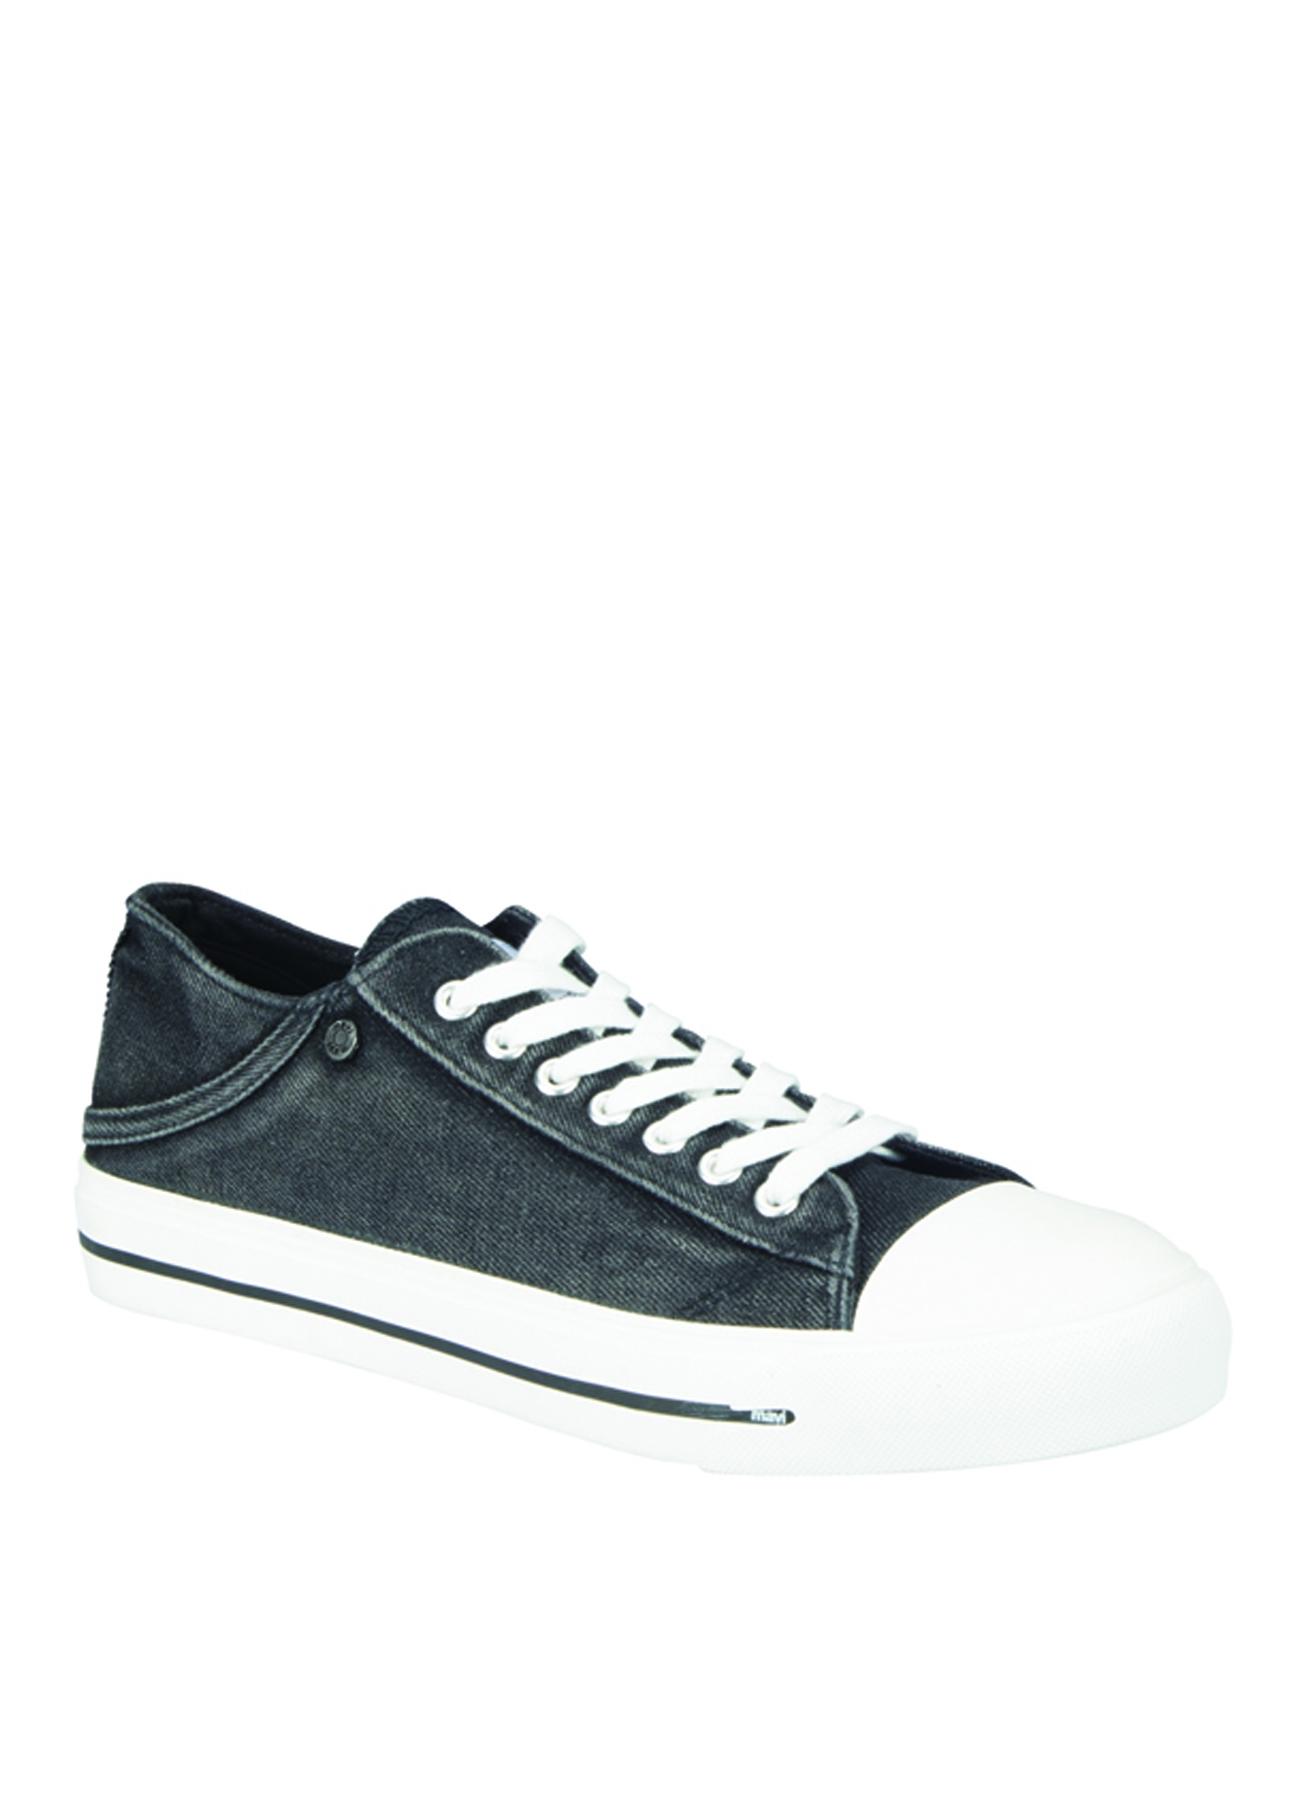 Mavi Günlük Ayakkabı 5001911722004 Ürün Resmi